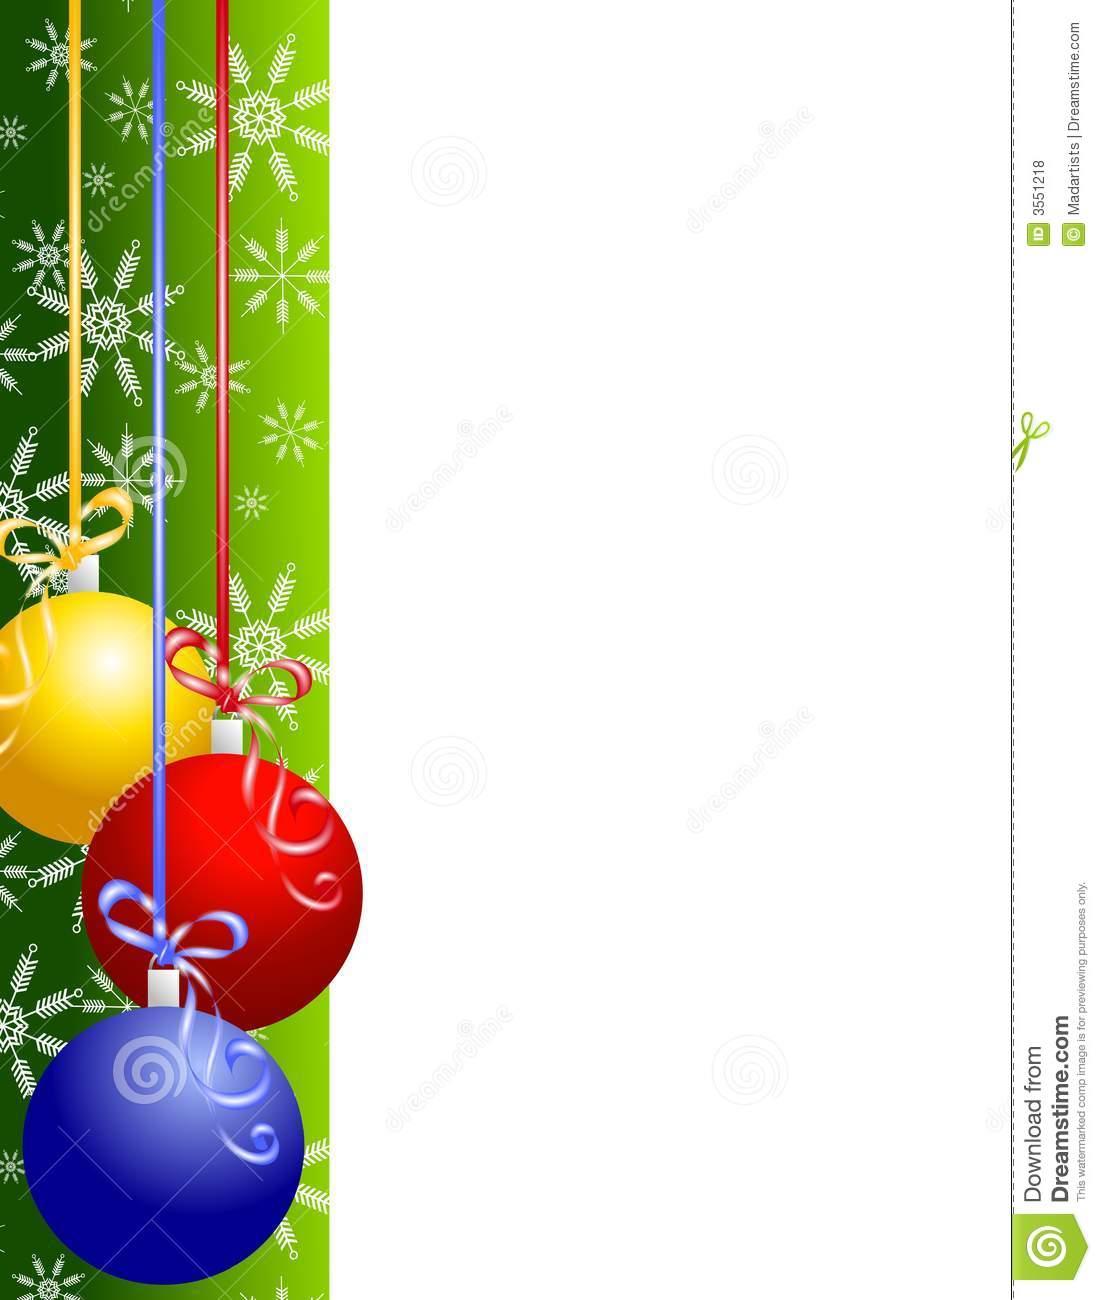 Christmas decorations borders - Christmas Clipart Borders Christmas Ornaments Border